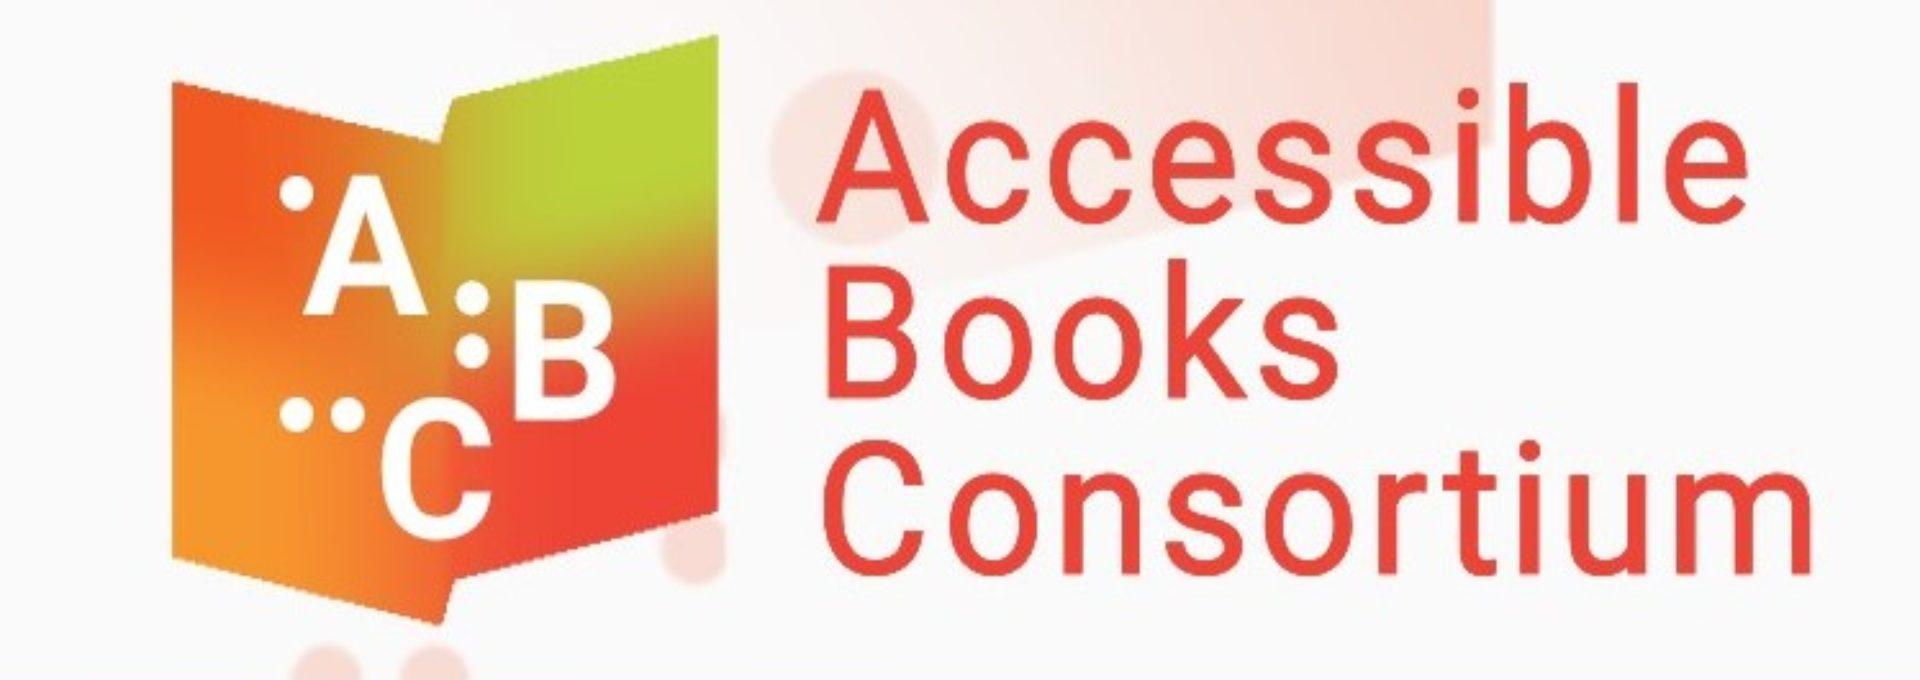 Lancement d'un nouveau catalogue de livres numériques accessibles